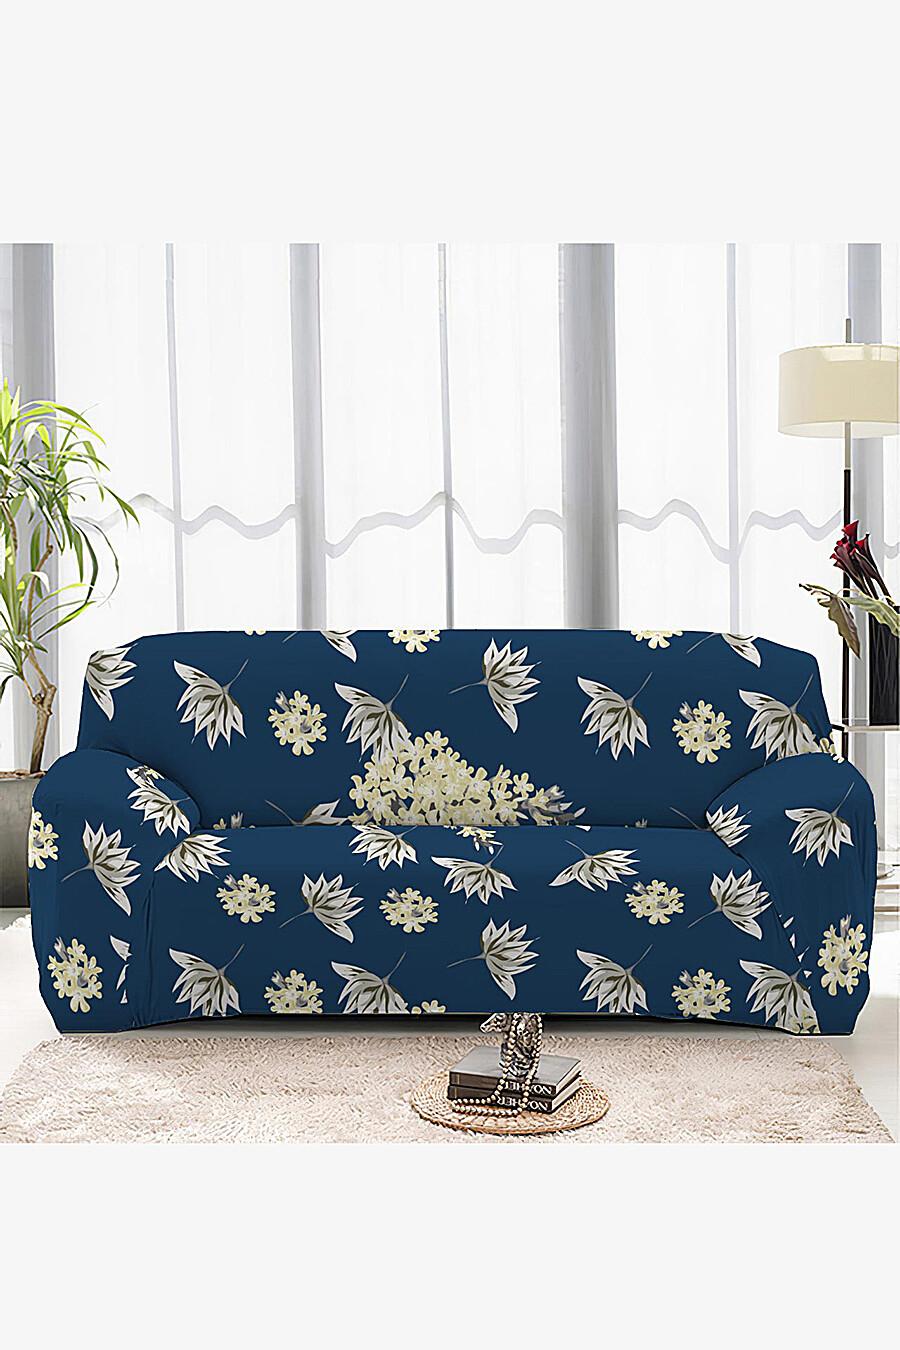 Чехол на диван для дома ART HOME TEXTILE 162989 купить оптом от производителя. Совместная покупка товаров для дома в OptMoyo